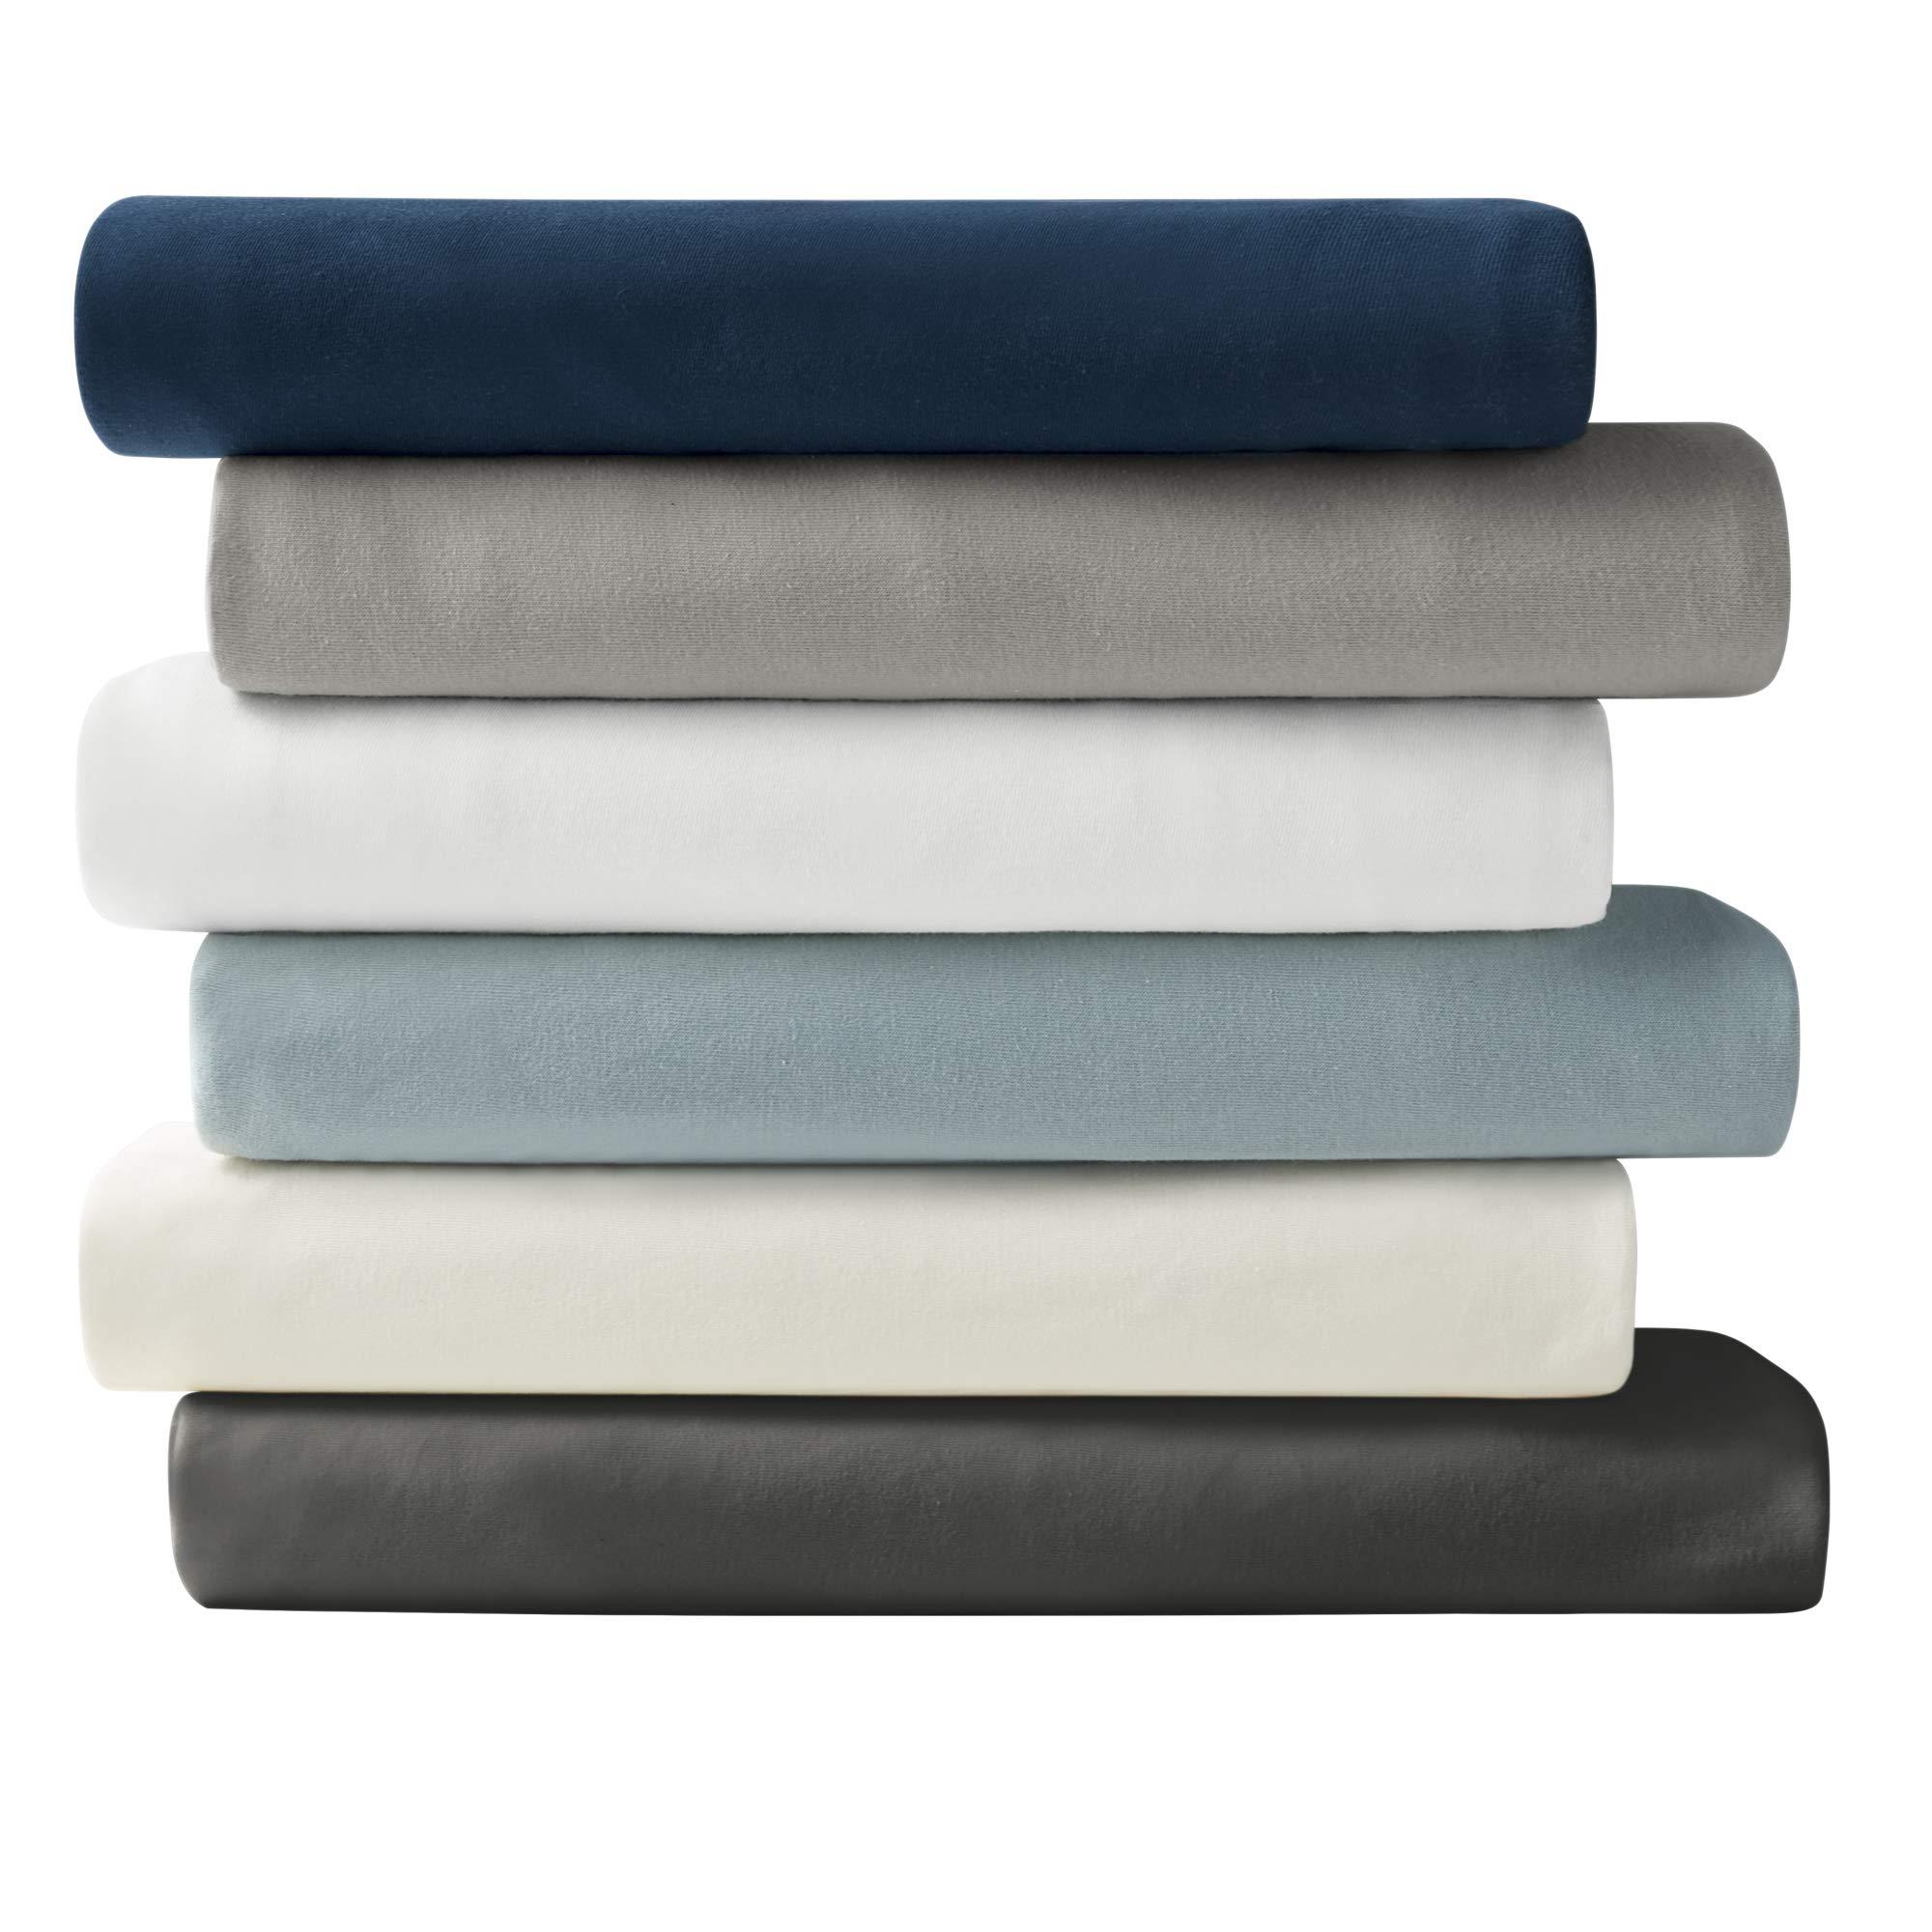 Brielle Cotton Jersey Knit (T-Shirt) Sheet Set, Queen, Charcoal